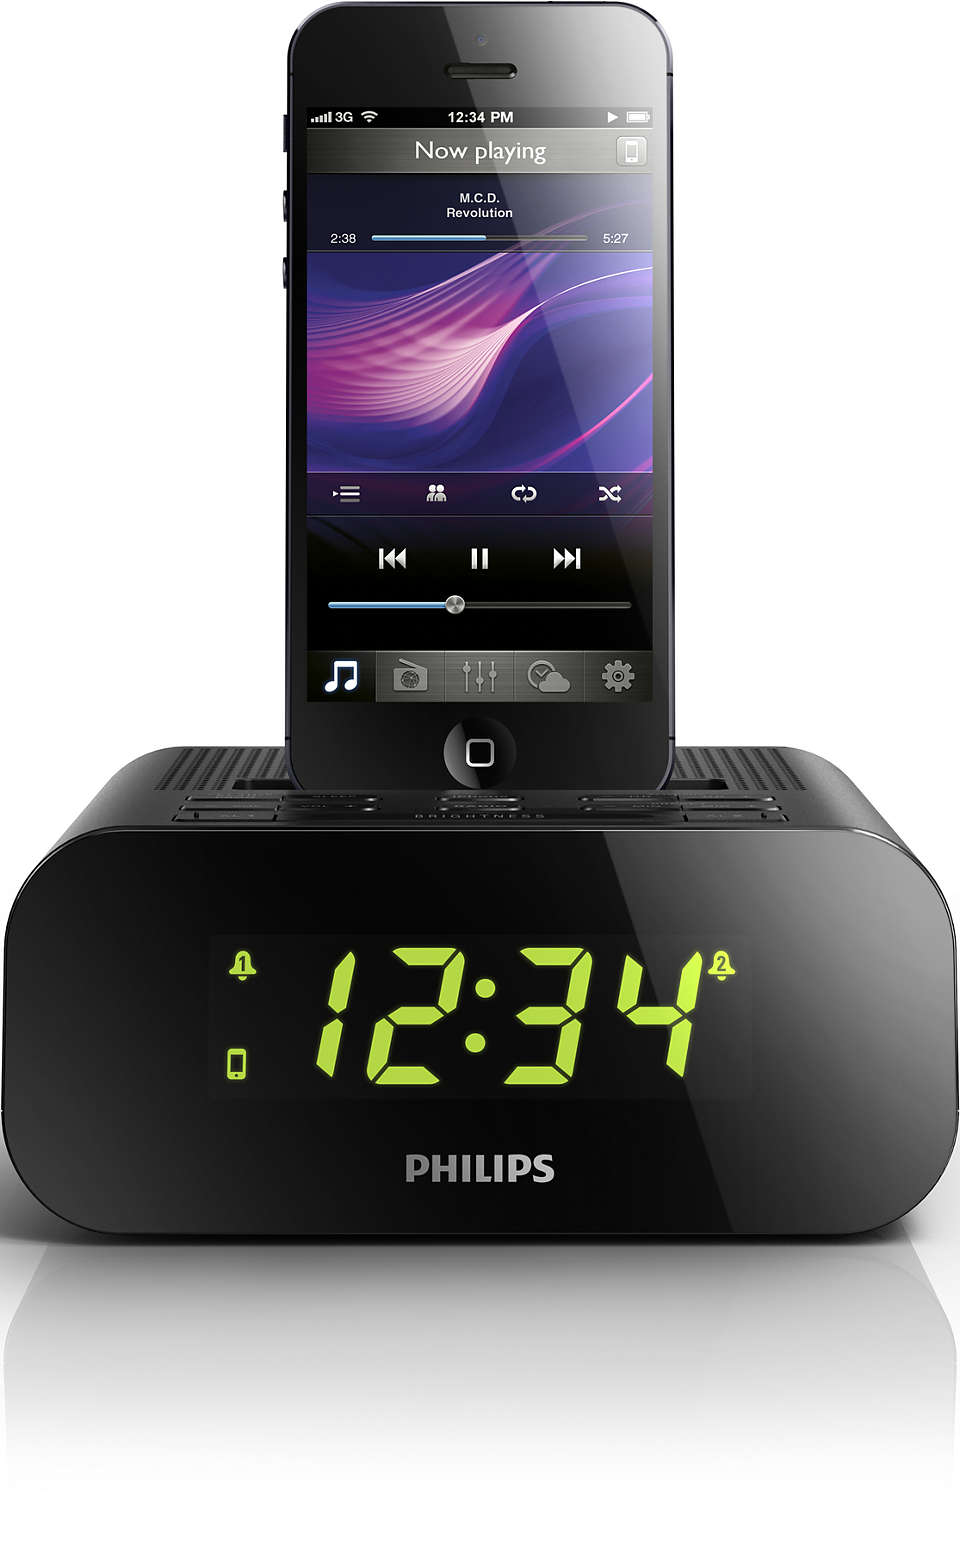 Ébredjen iPod/iPhone készüléke nagyszerű hangjára